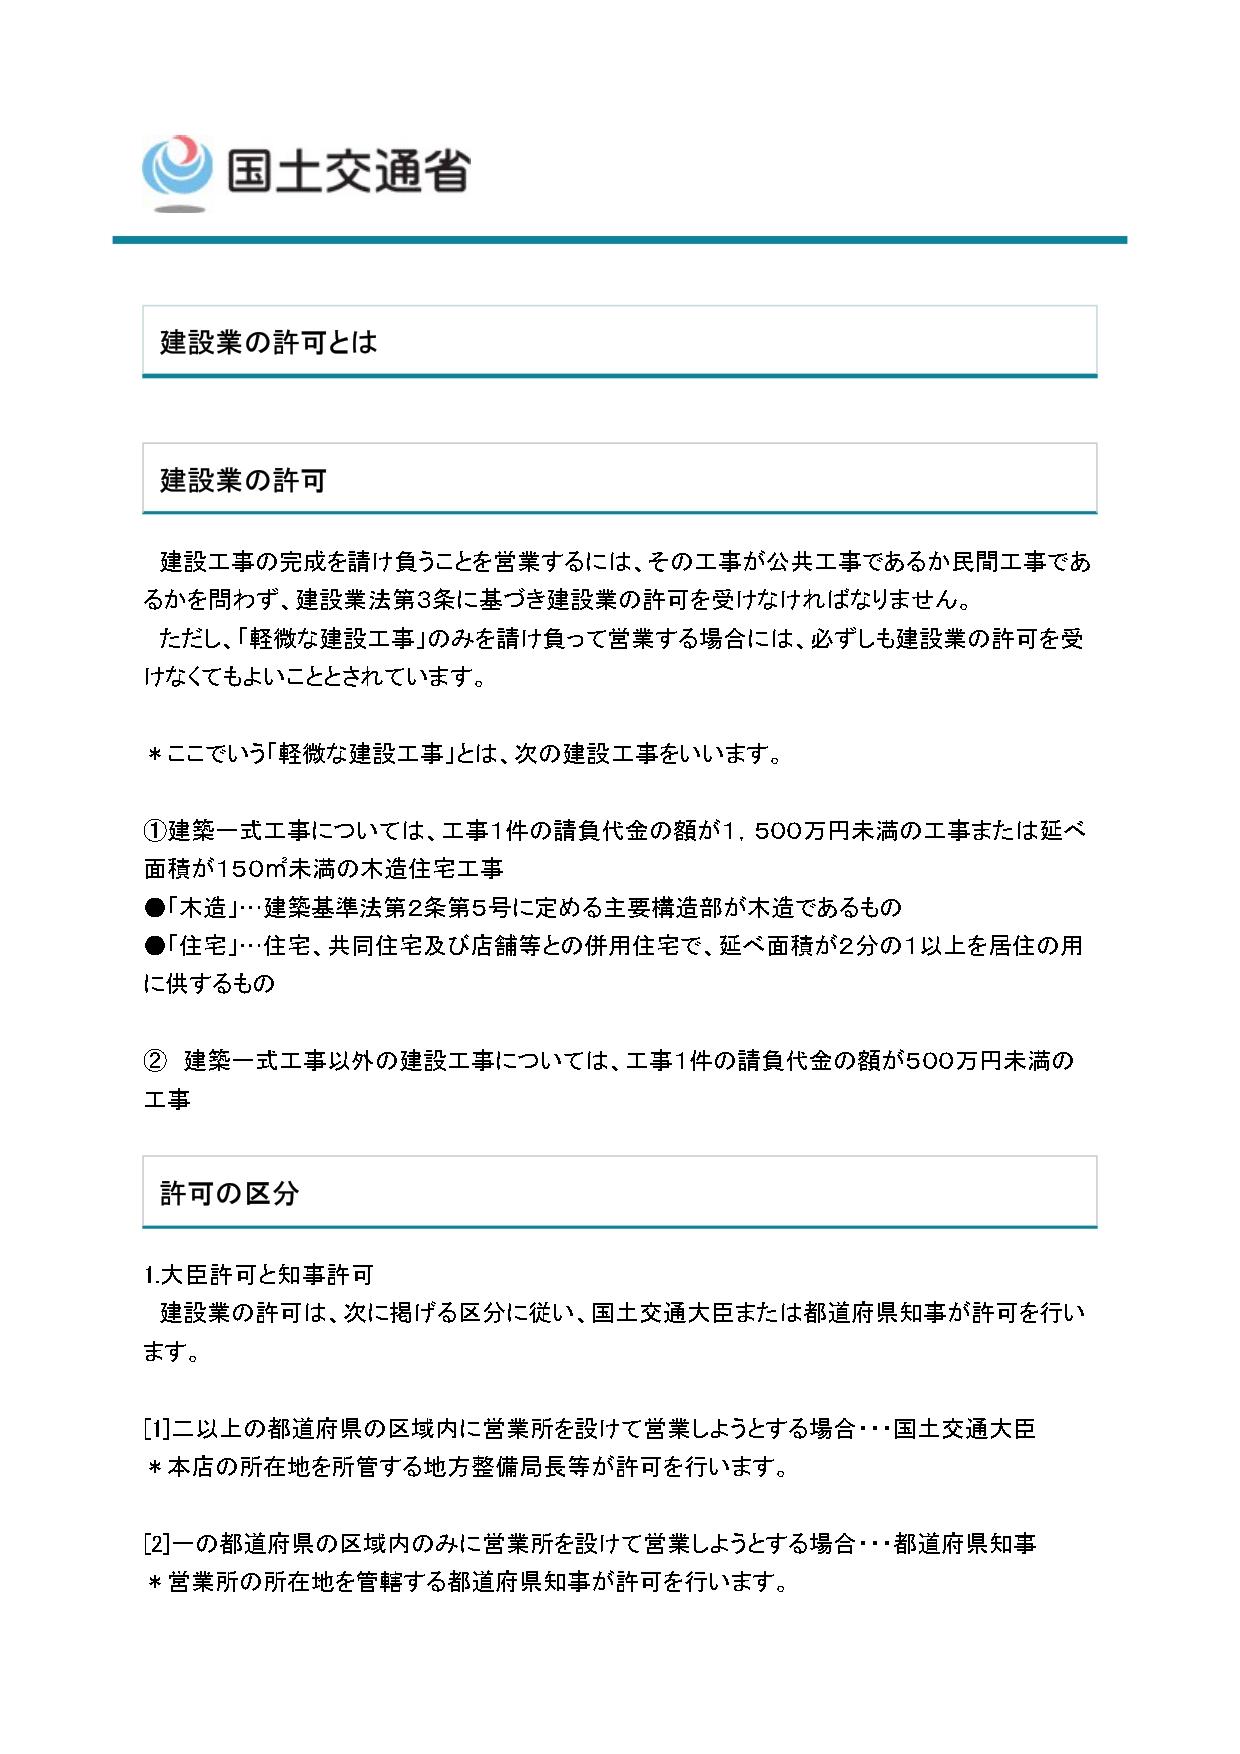 蟒コ險ュ讌ュ險ア蜿ッ縺ォ縺、縺・※_page-0001